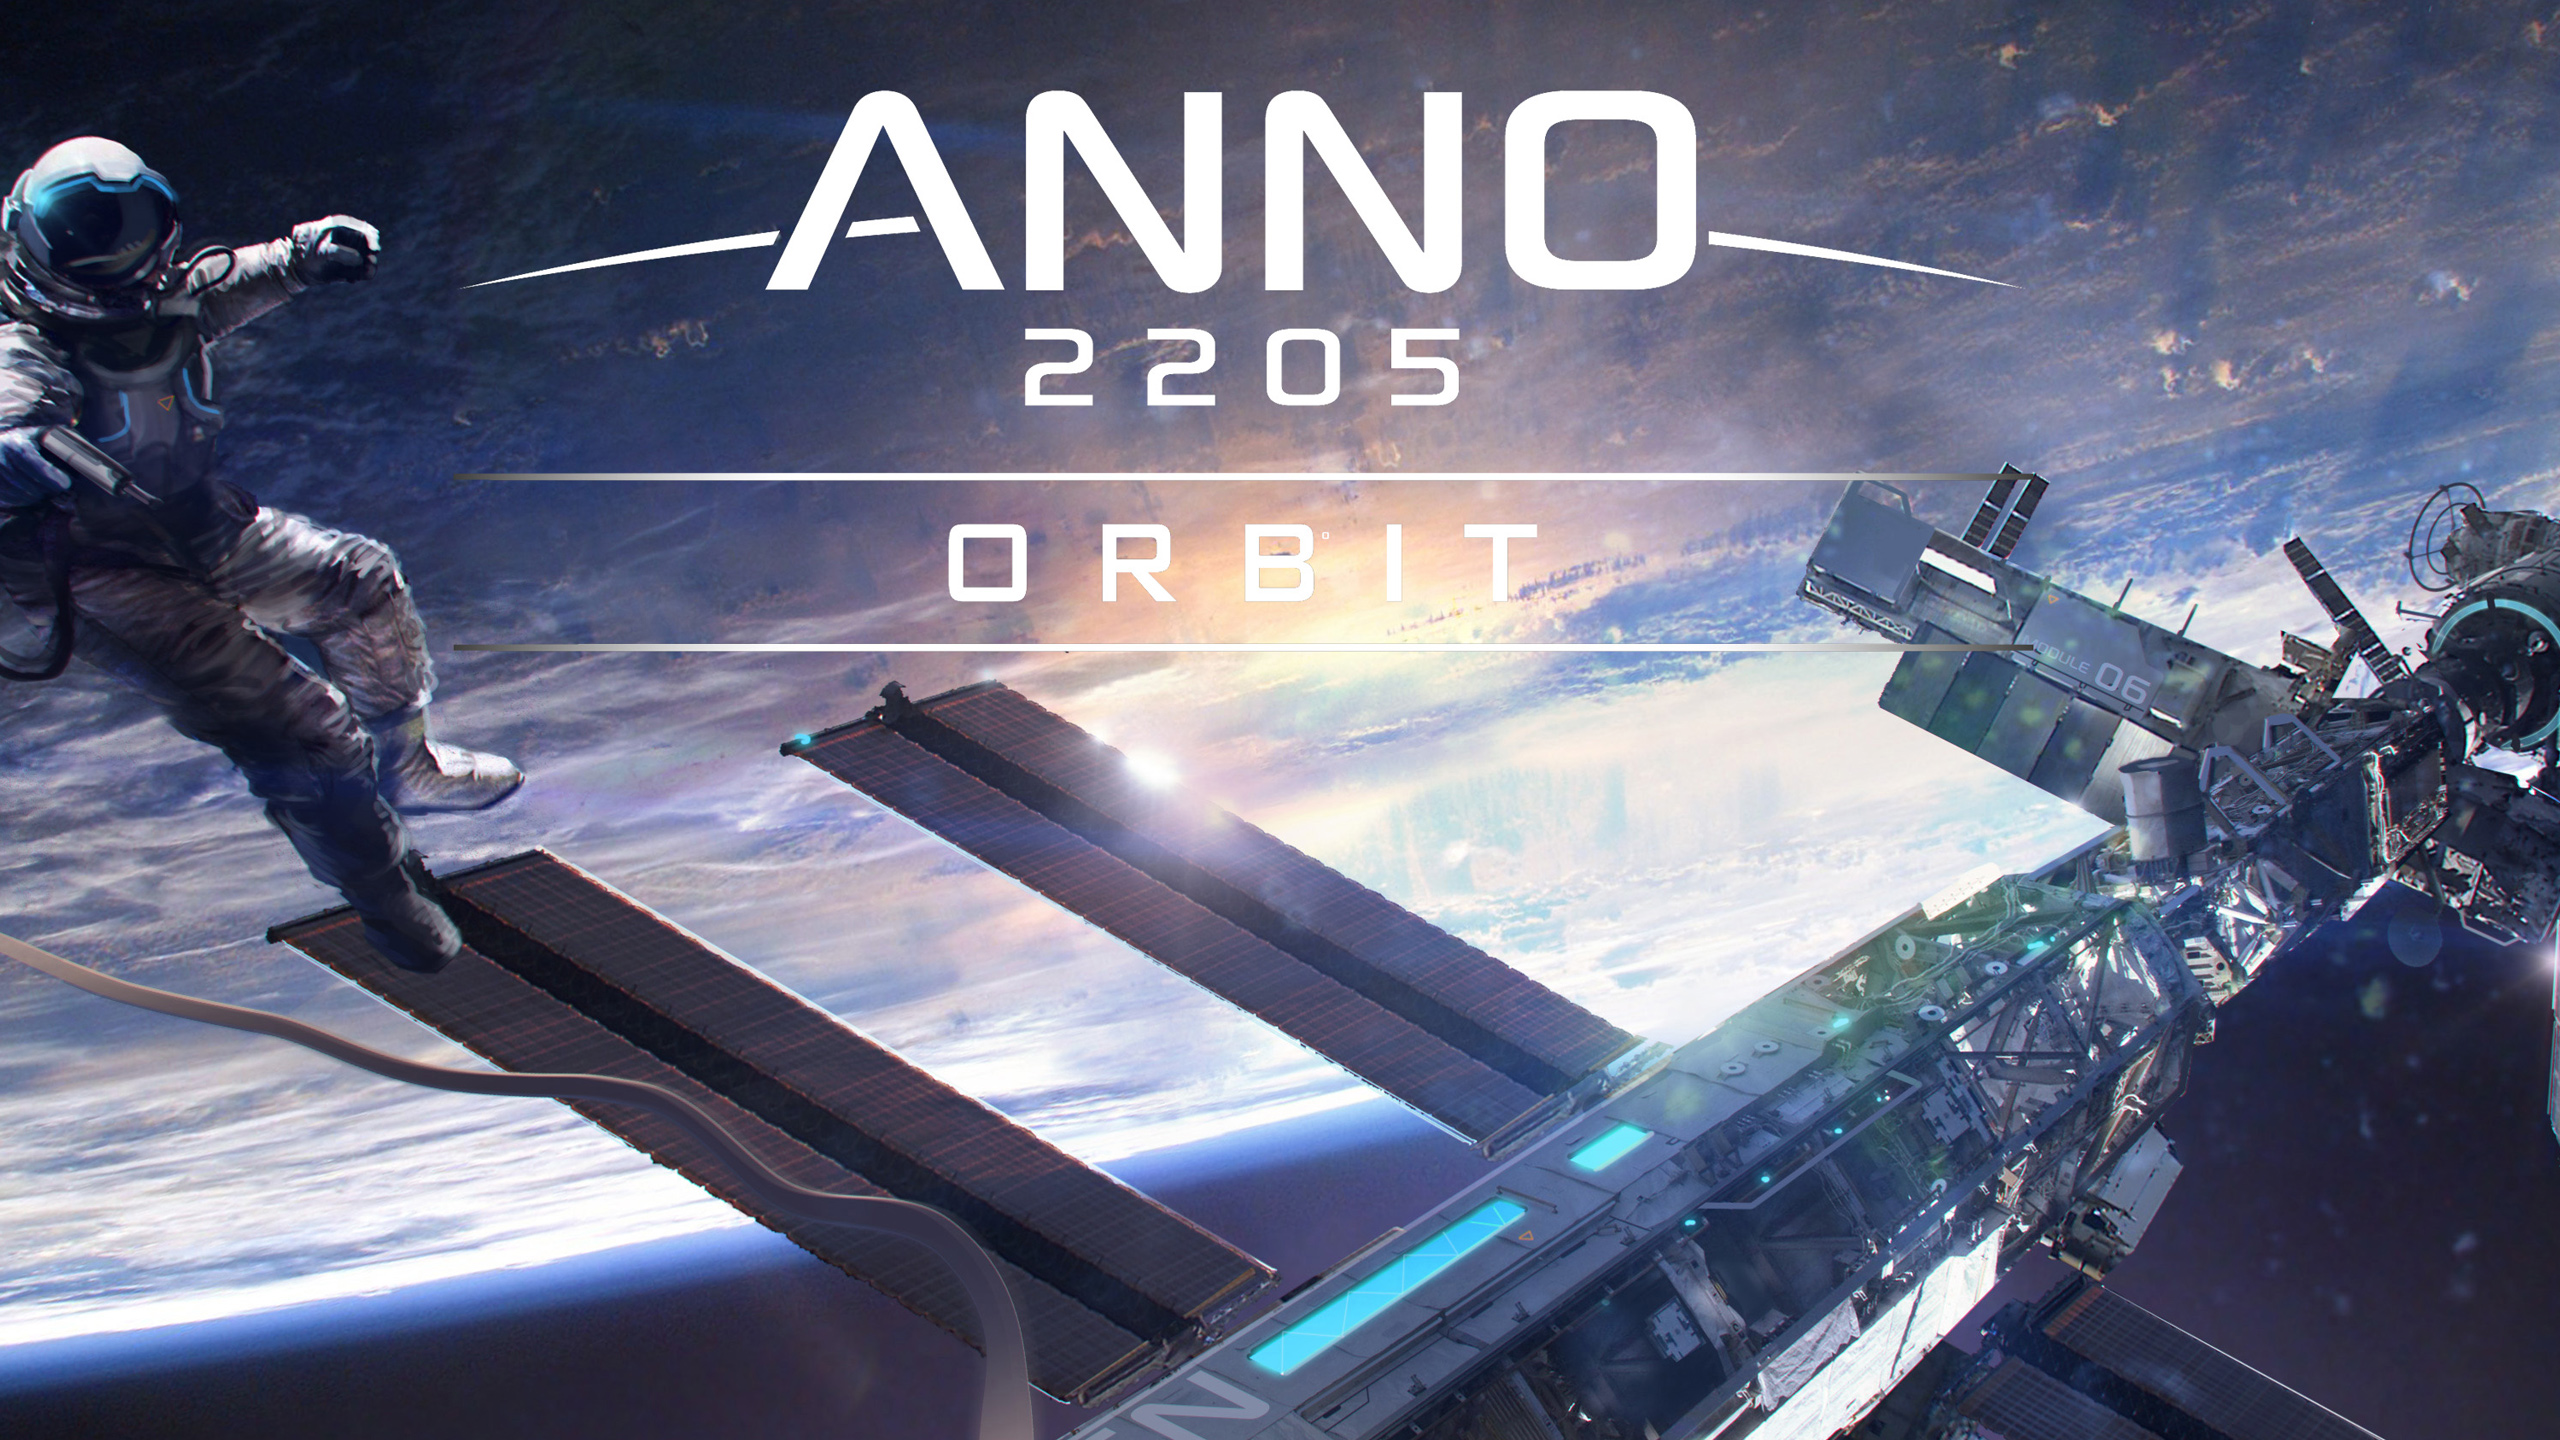 Анно 2205 орбите сжо. обои скачать